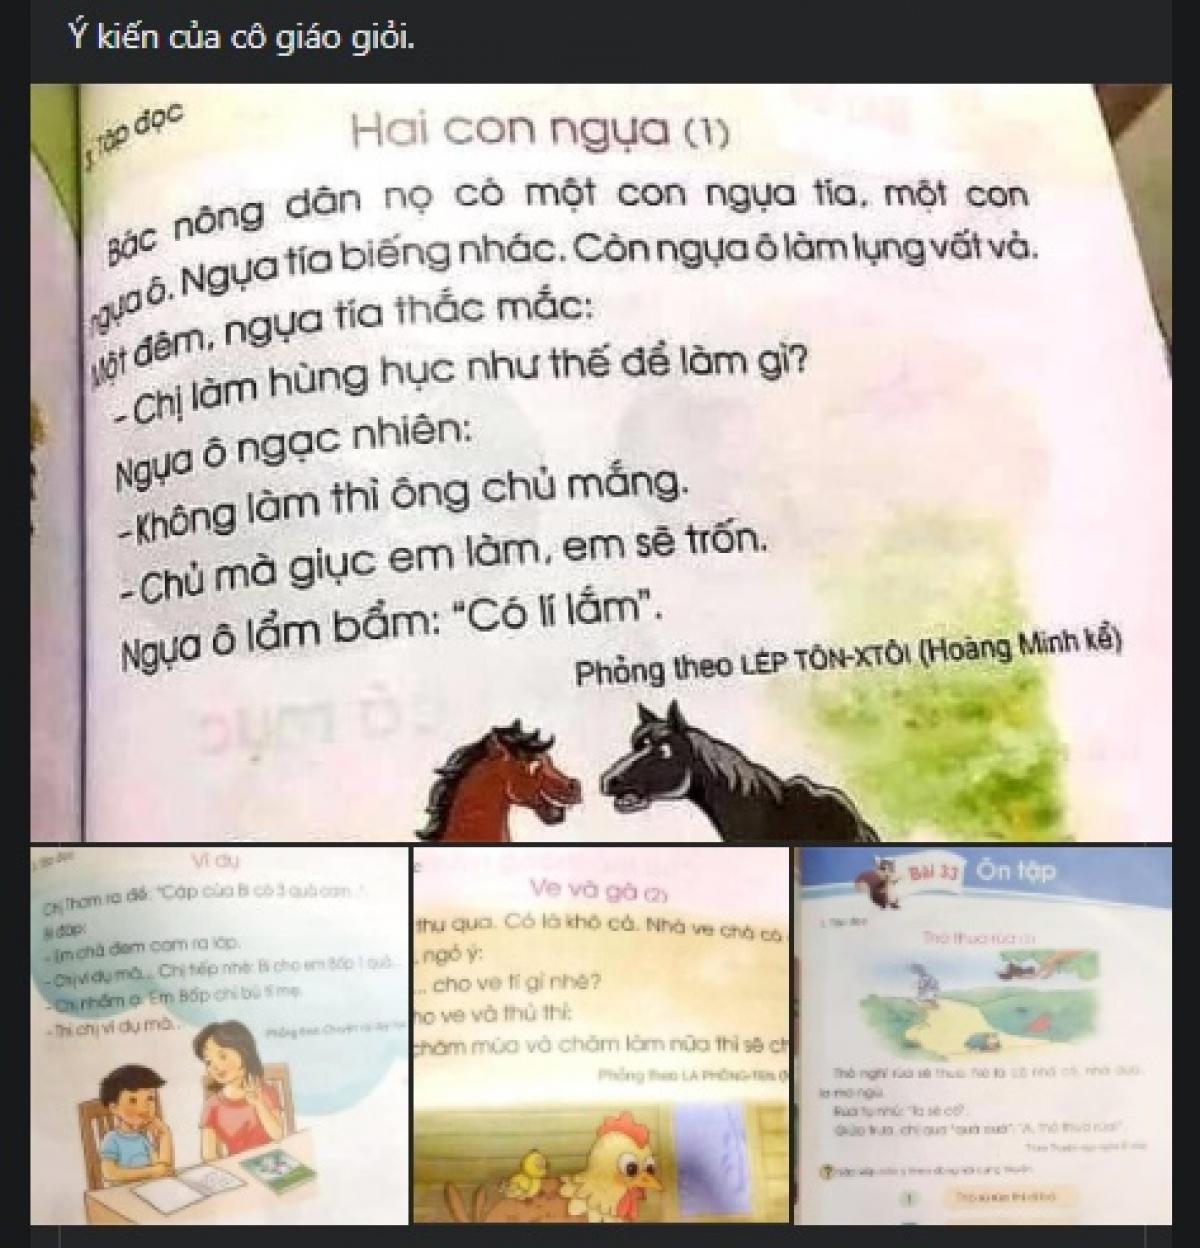 Những phần nội dung trong SGK Tiếng Việt lớp 1 thuộc bộ sách Cánh Diều được cho là không phù hợp với học sinh. (Ảnh chụp màn hình)